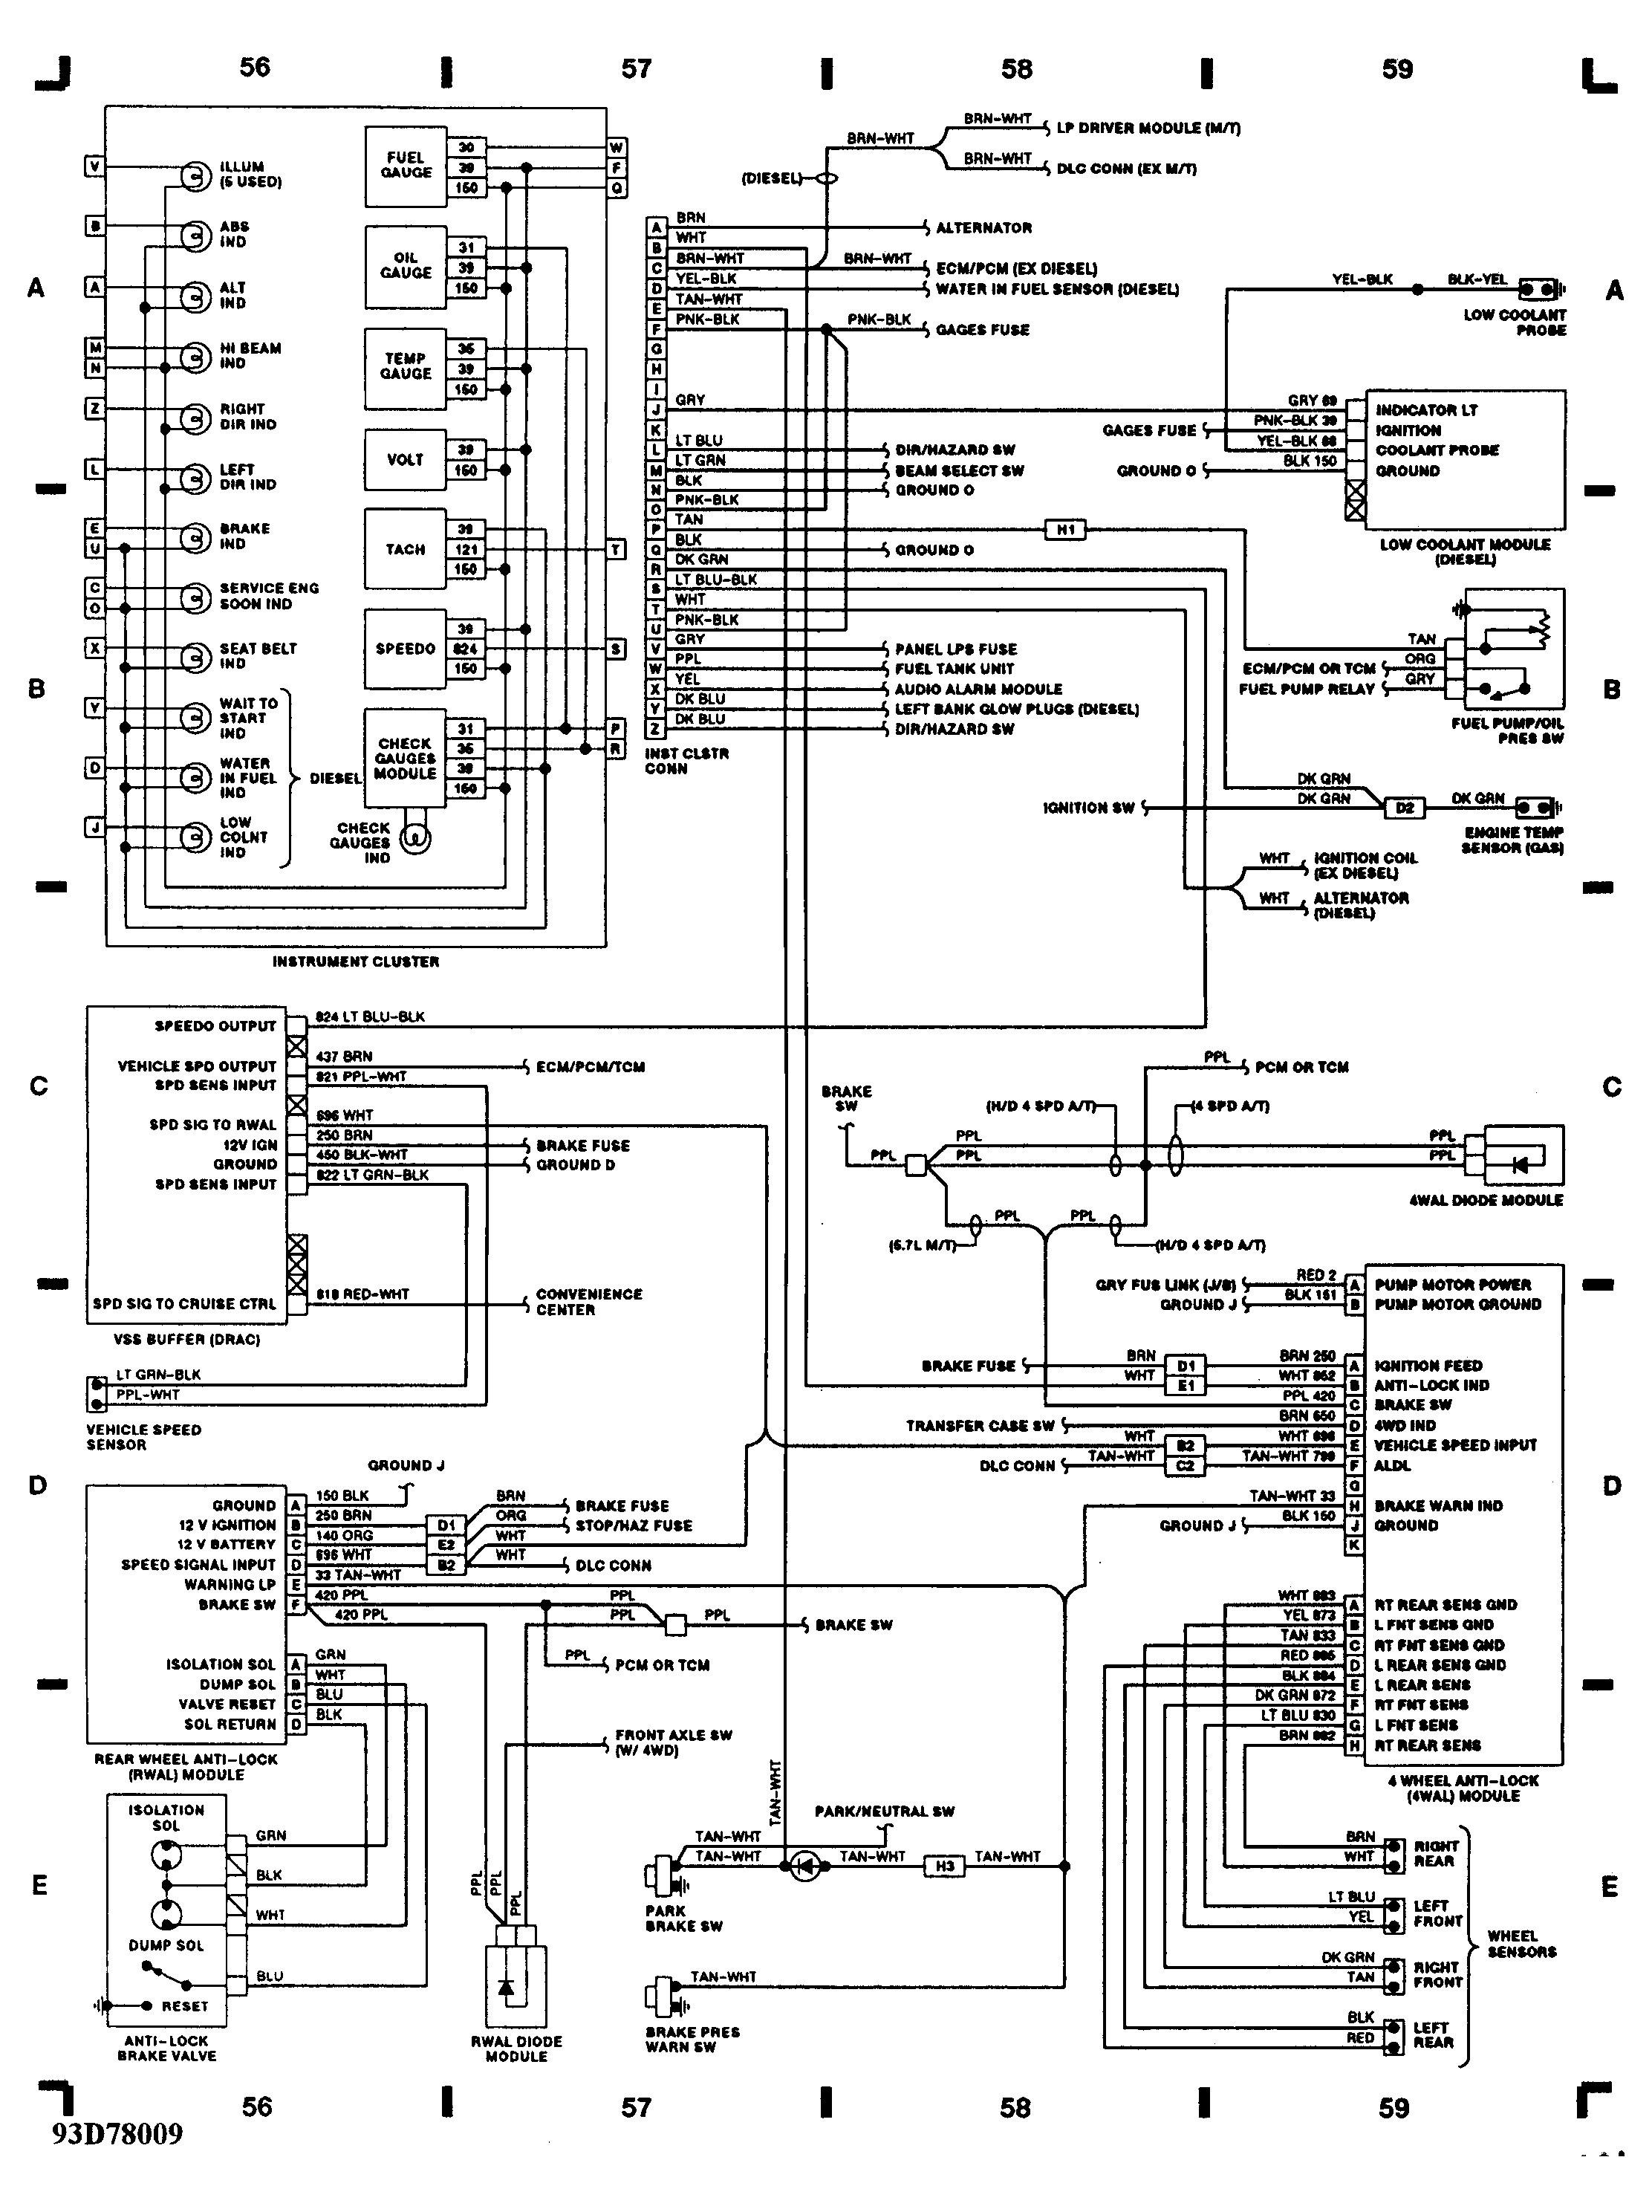 86 chevy silverado wiring diagram 1976 evinrude 70 hp truck elegant 1993